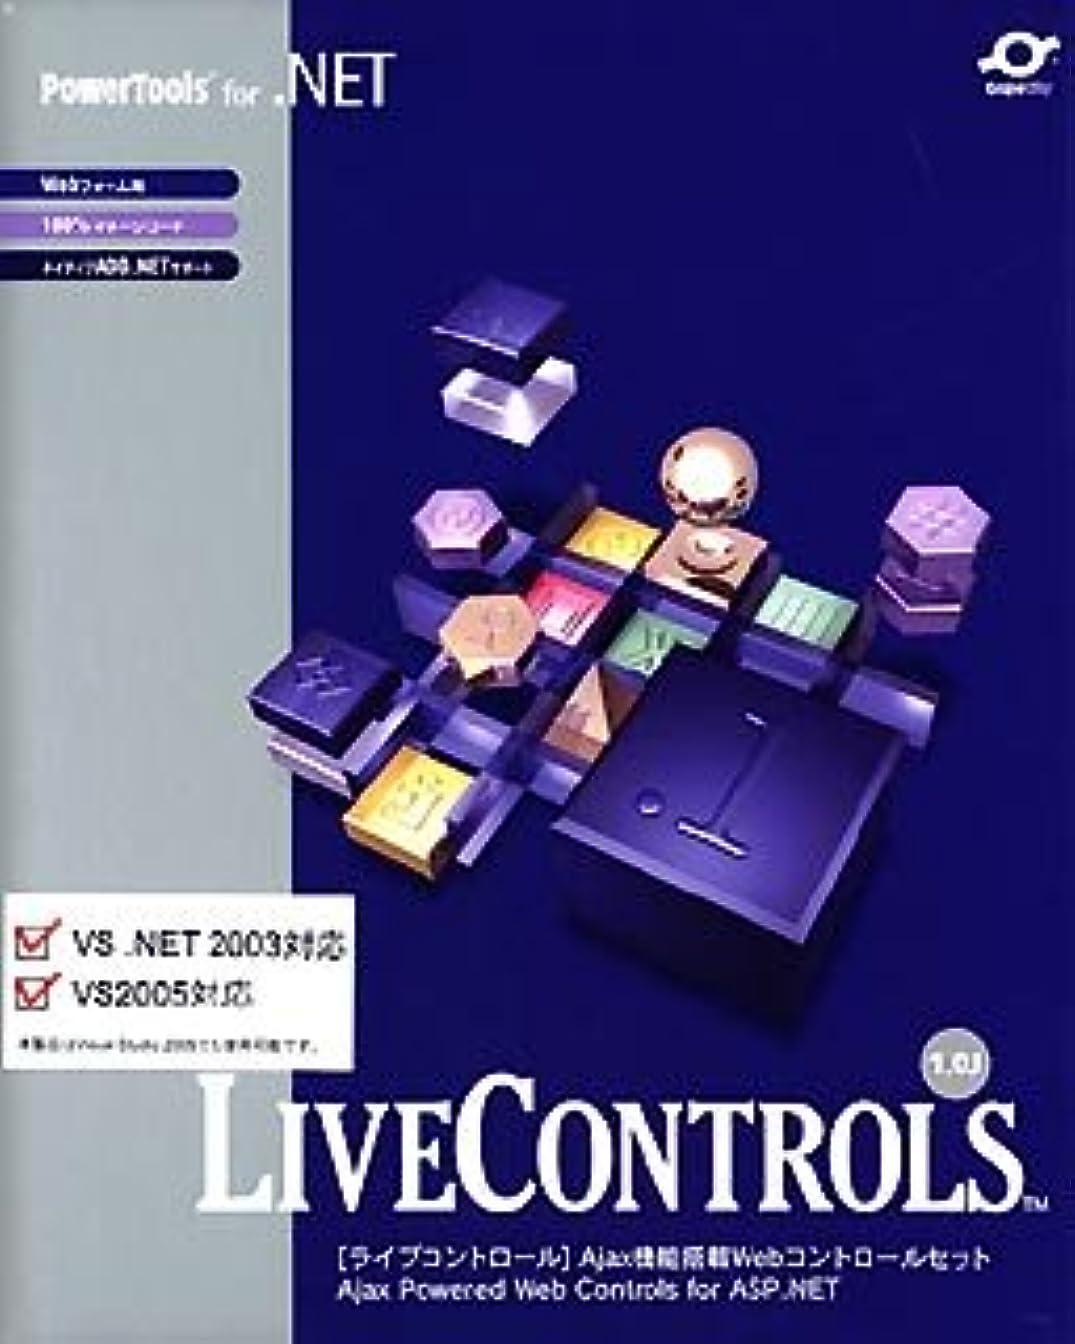 衝動雇用者安心LiveControls 1.0J 1開発ライセンスパッケージ